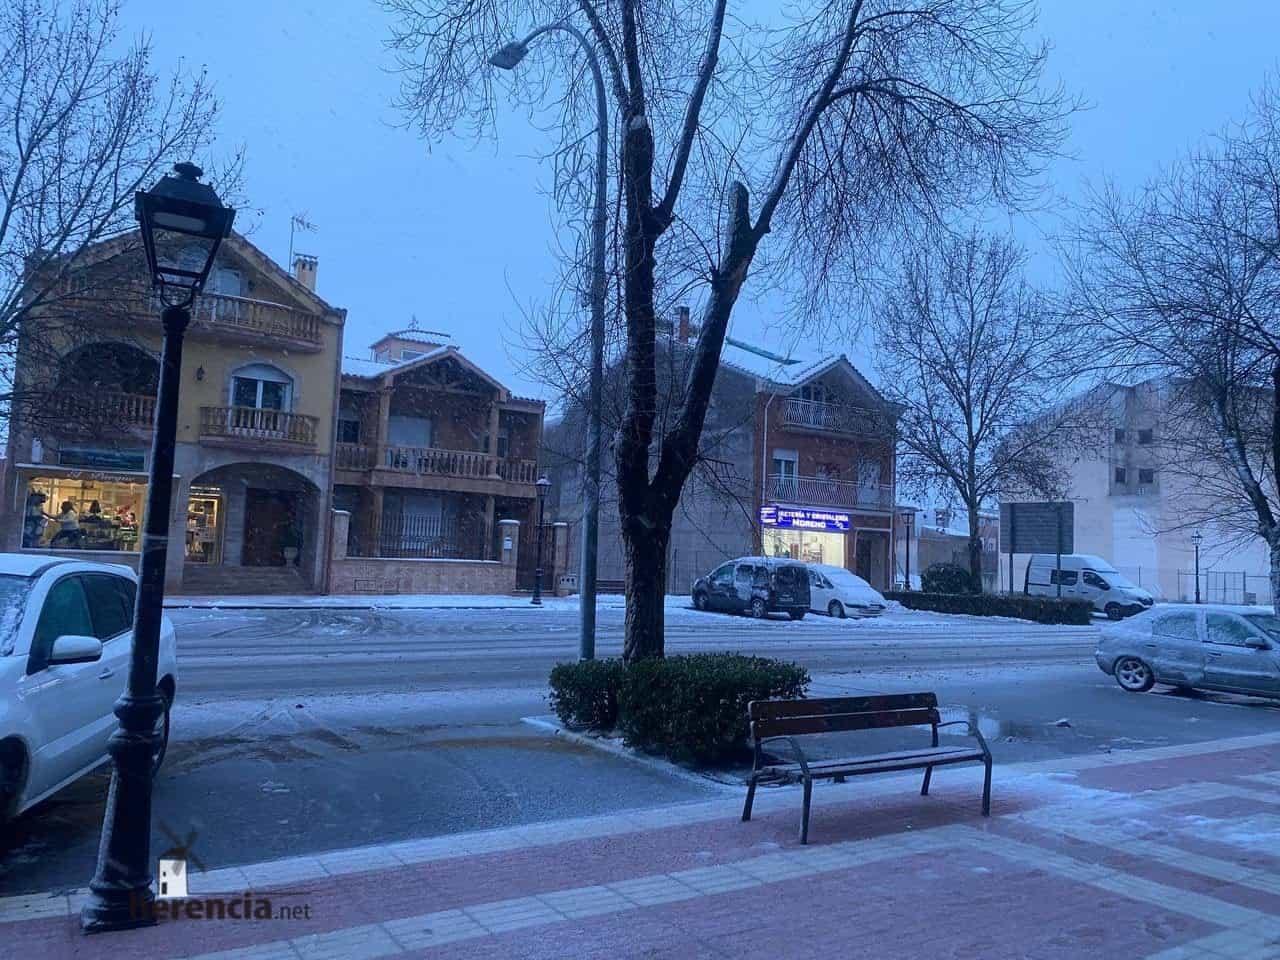 Fotografías de la nevada en Herencia (Ciudad Real) 58